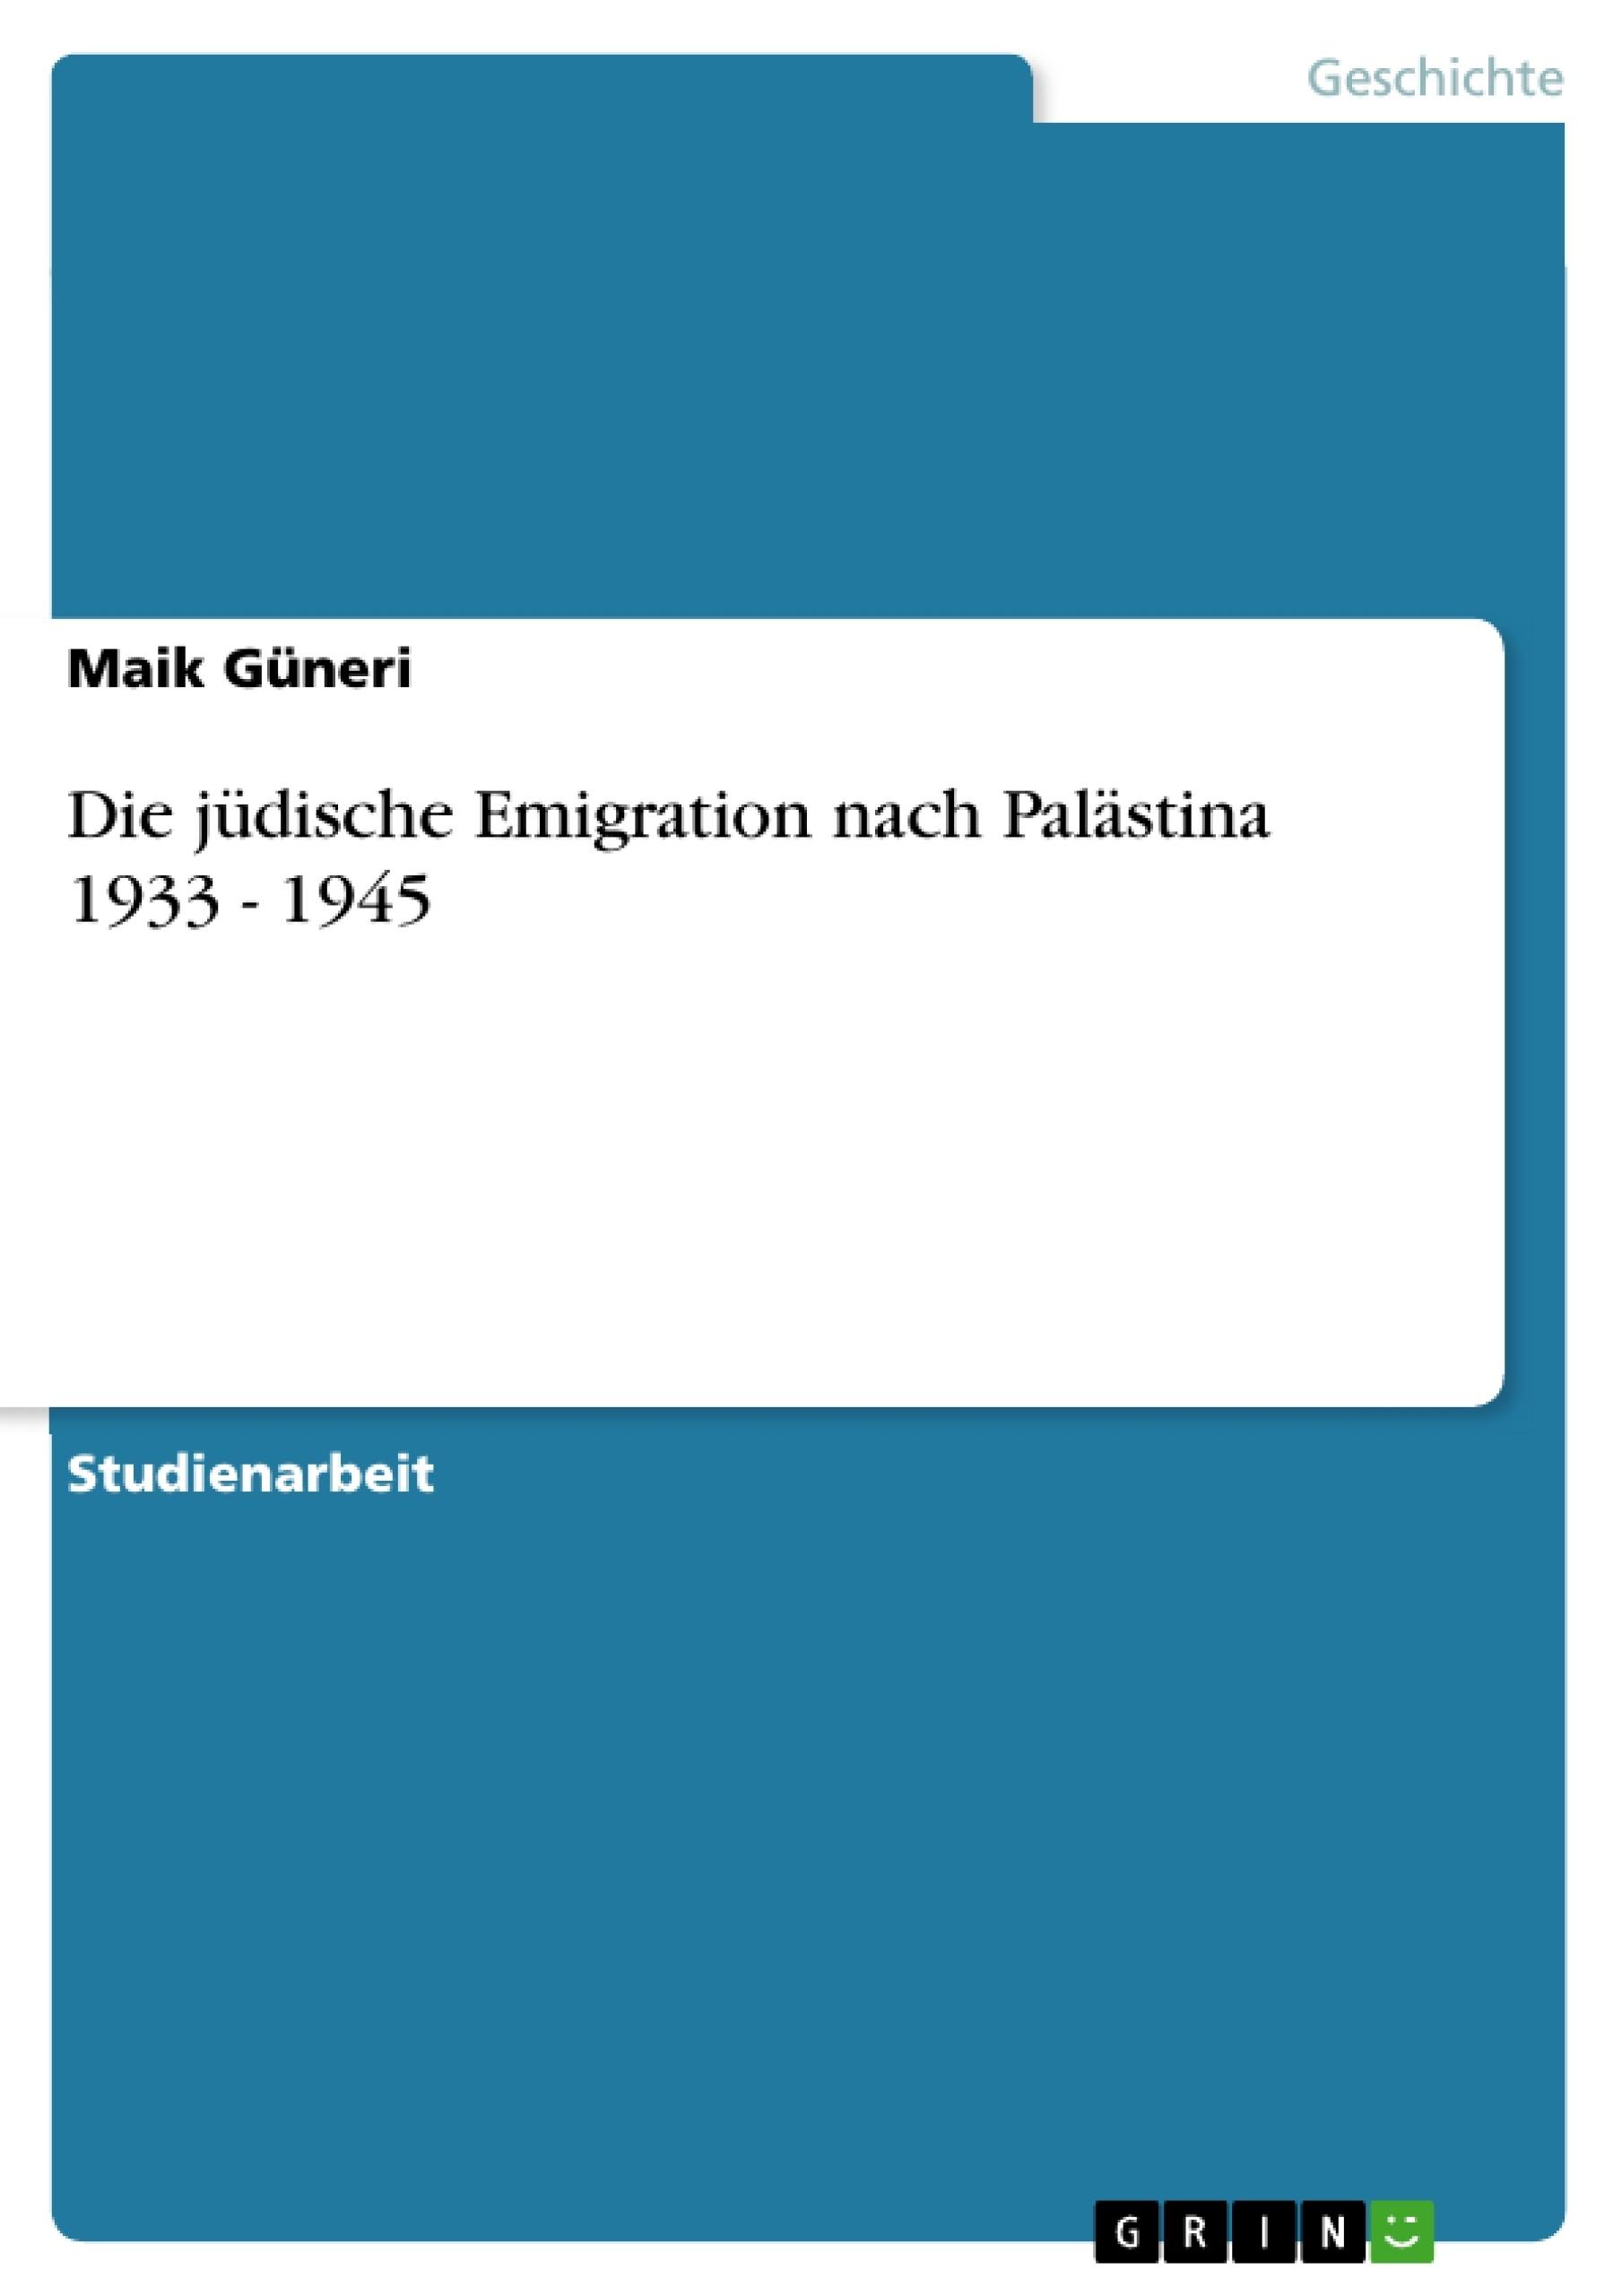 Titel: Die jüdische Emigration nach Palästina 1933 - 1945